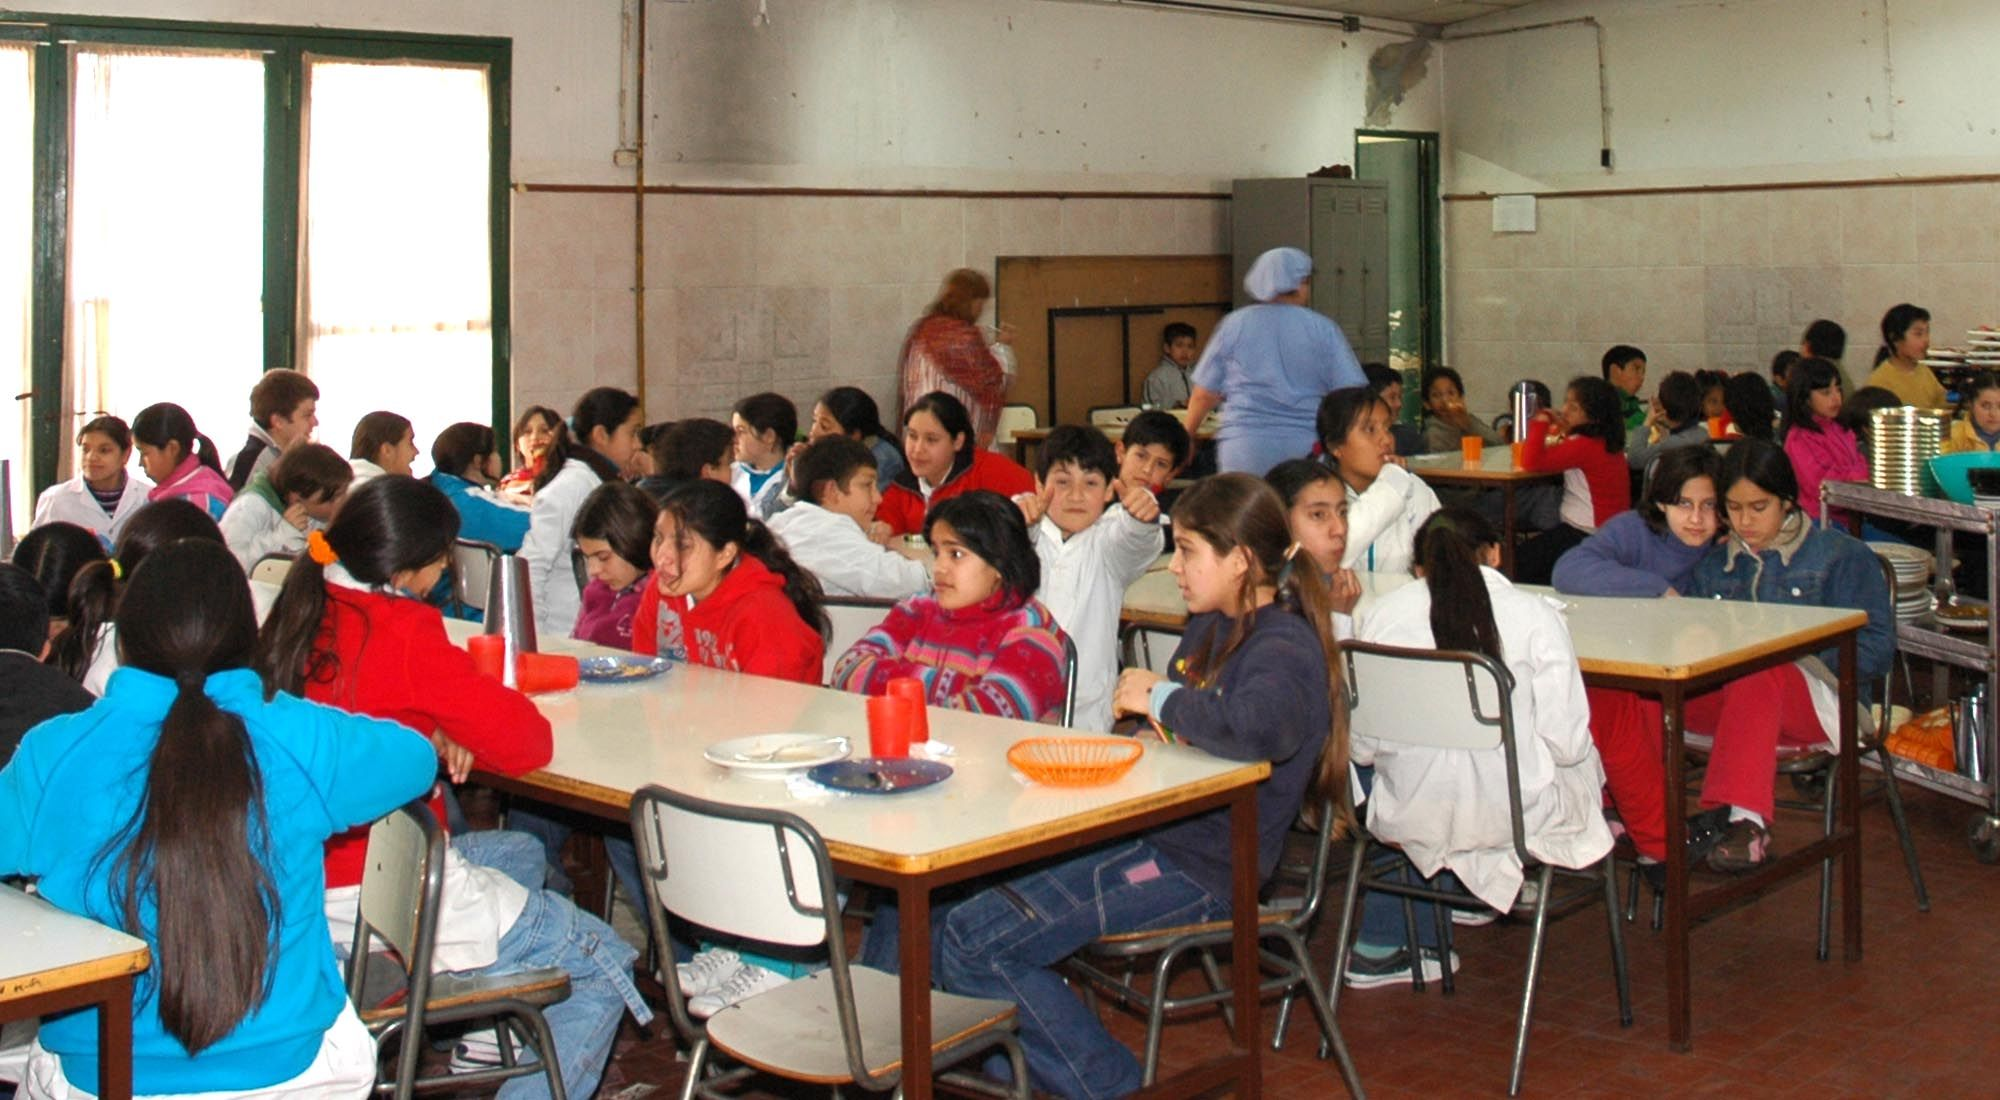 El 40% de los niños, niñas y adolescentes del Conurbano bonaerense reciben asistencia alimentaria.